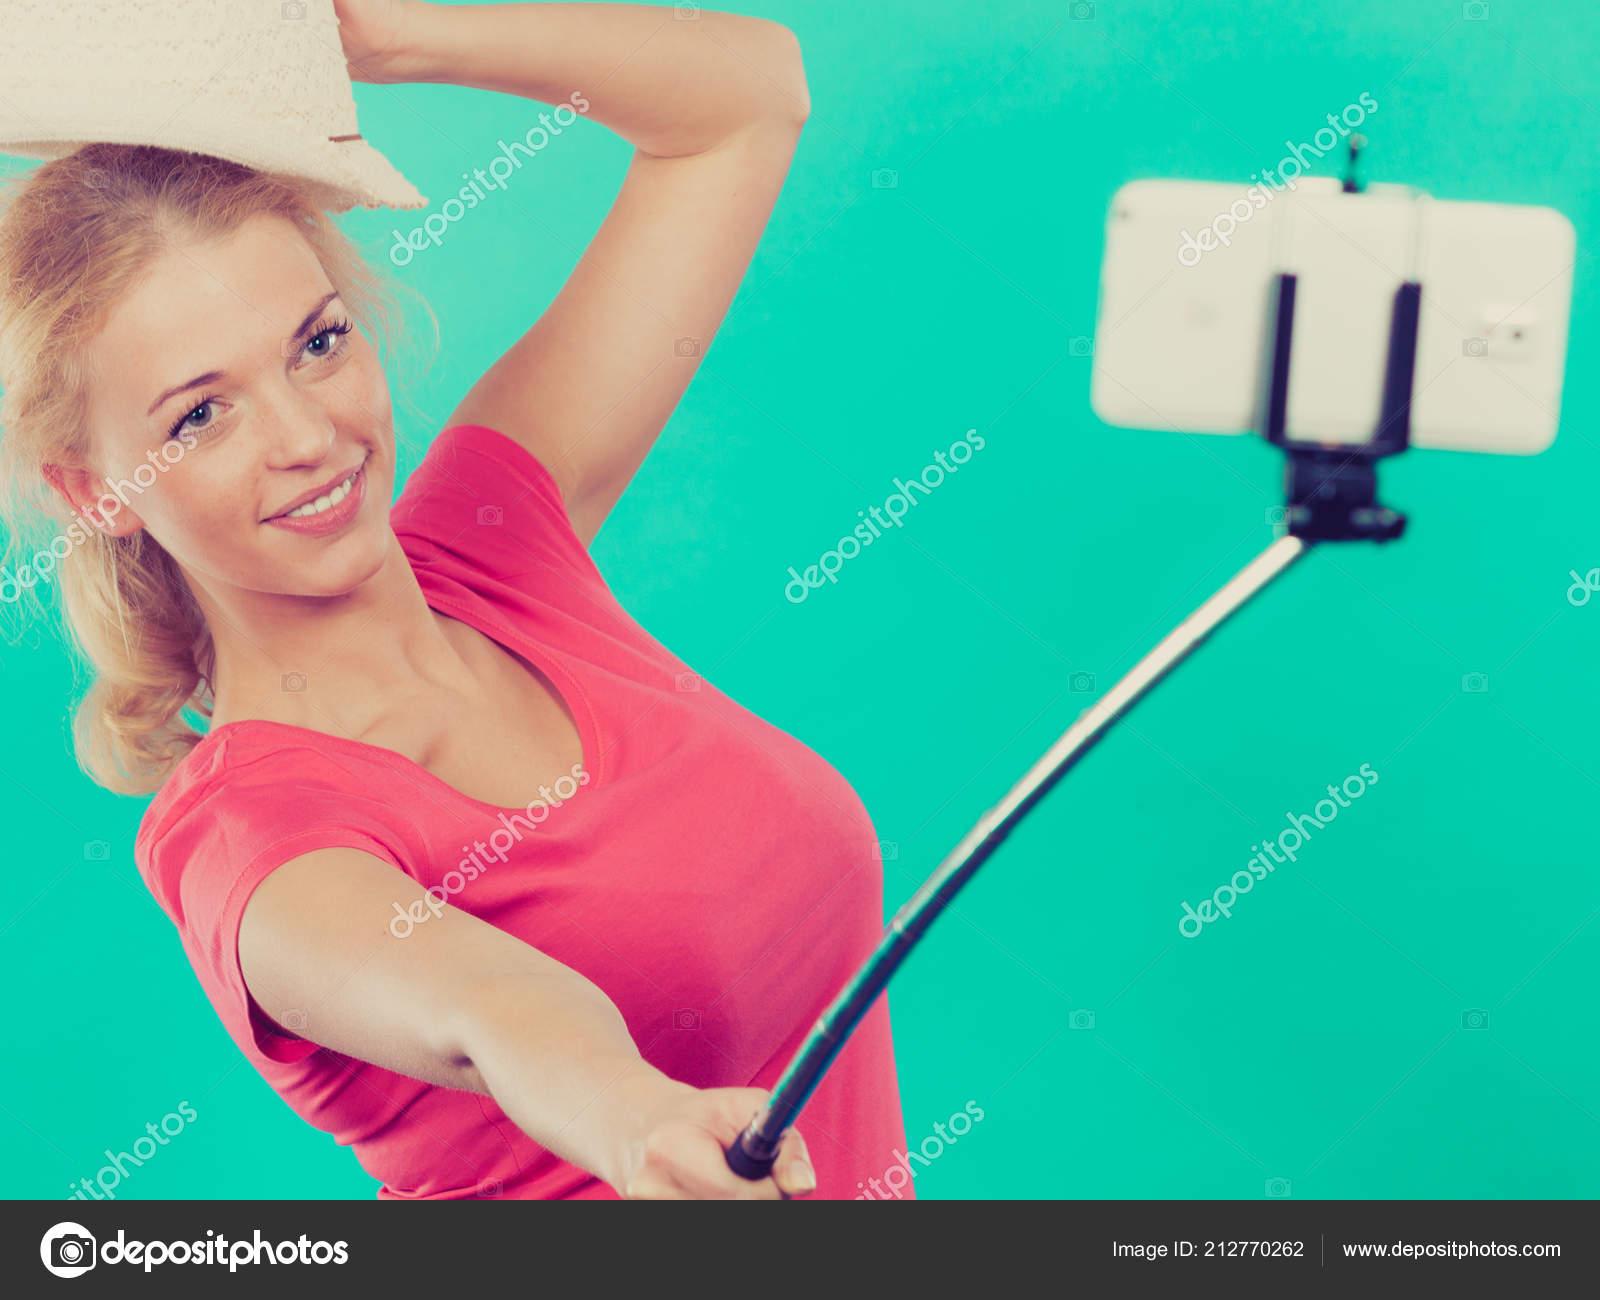 vzroslaya-blondinka-foto-aktrisi-lyubyat-li-sportsmenov